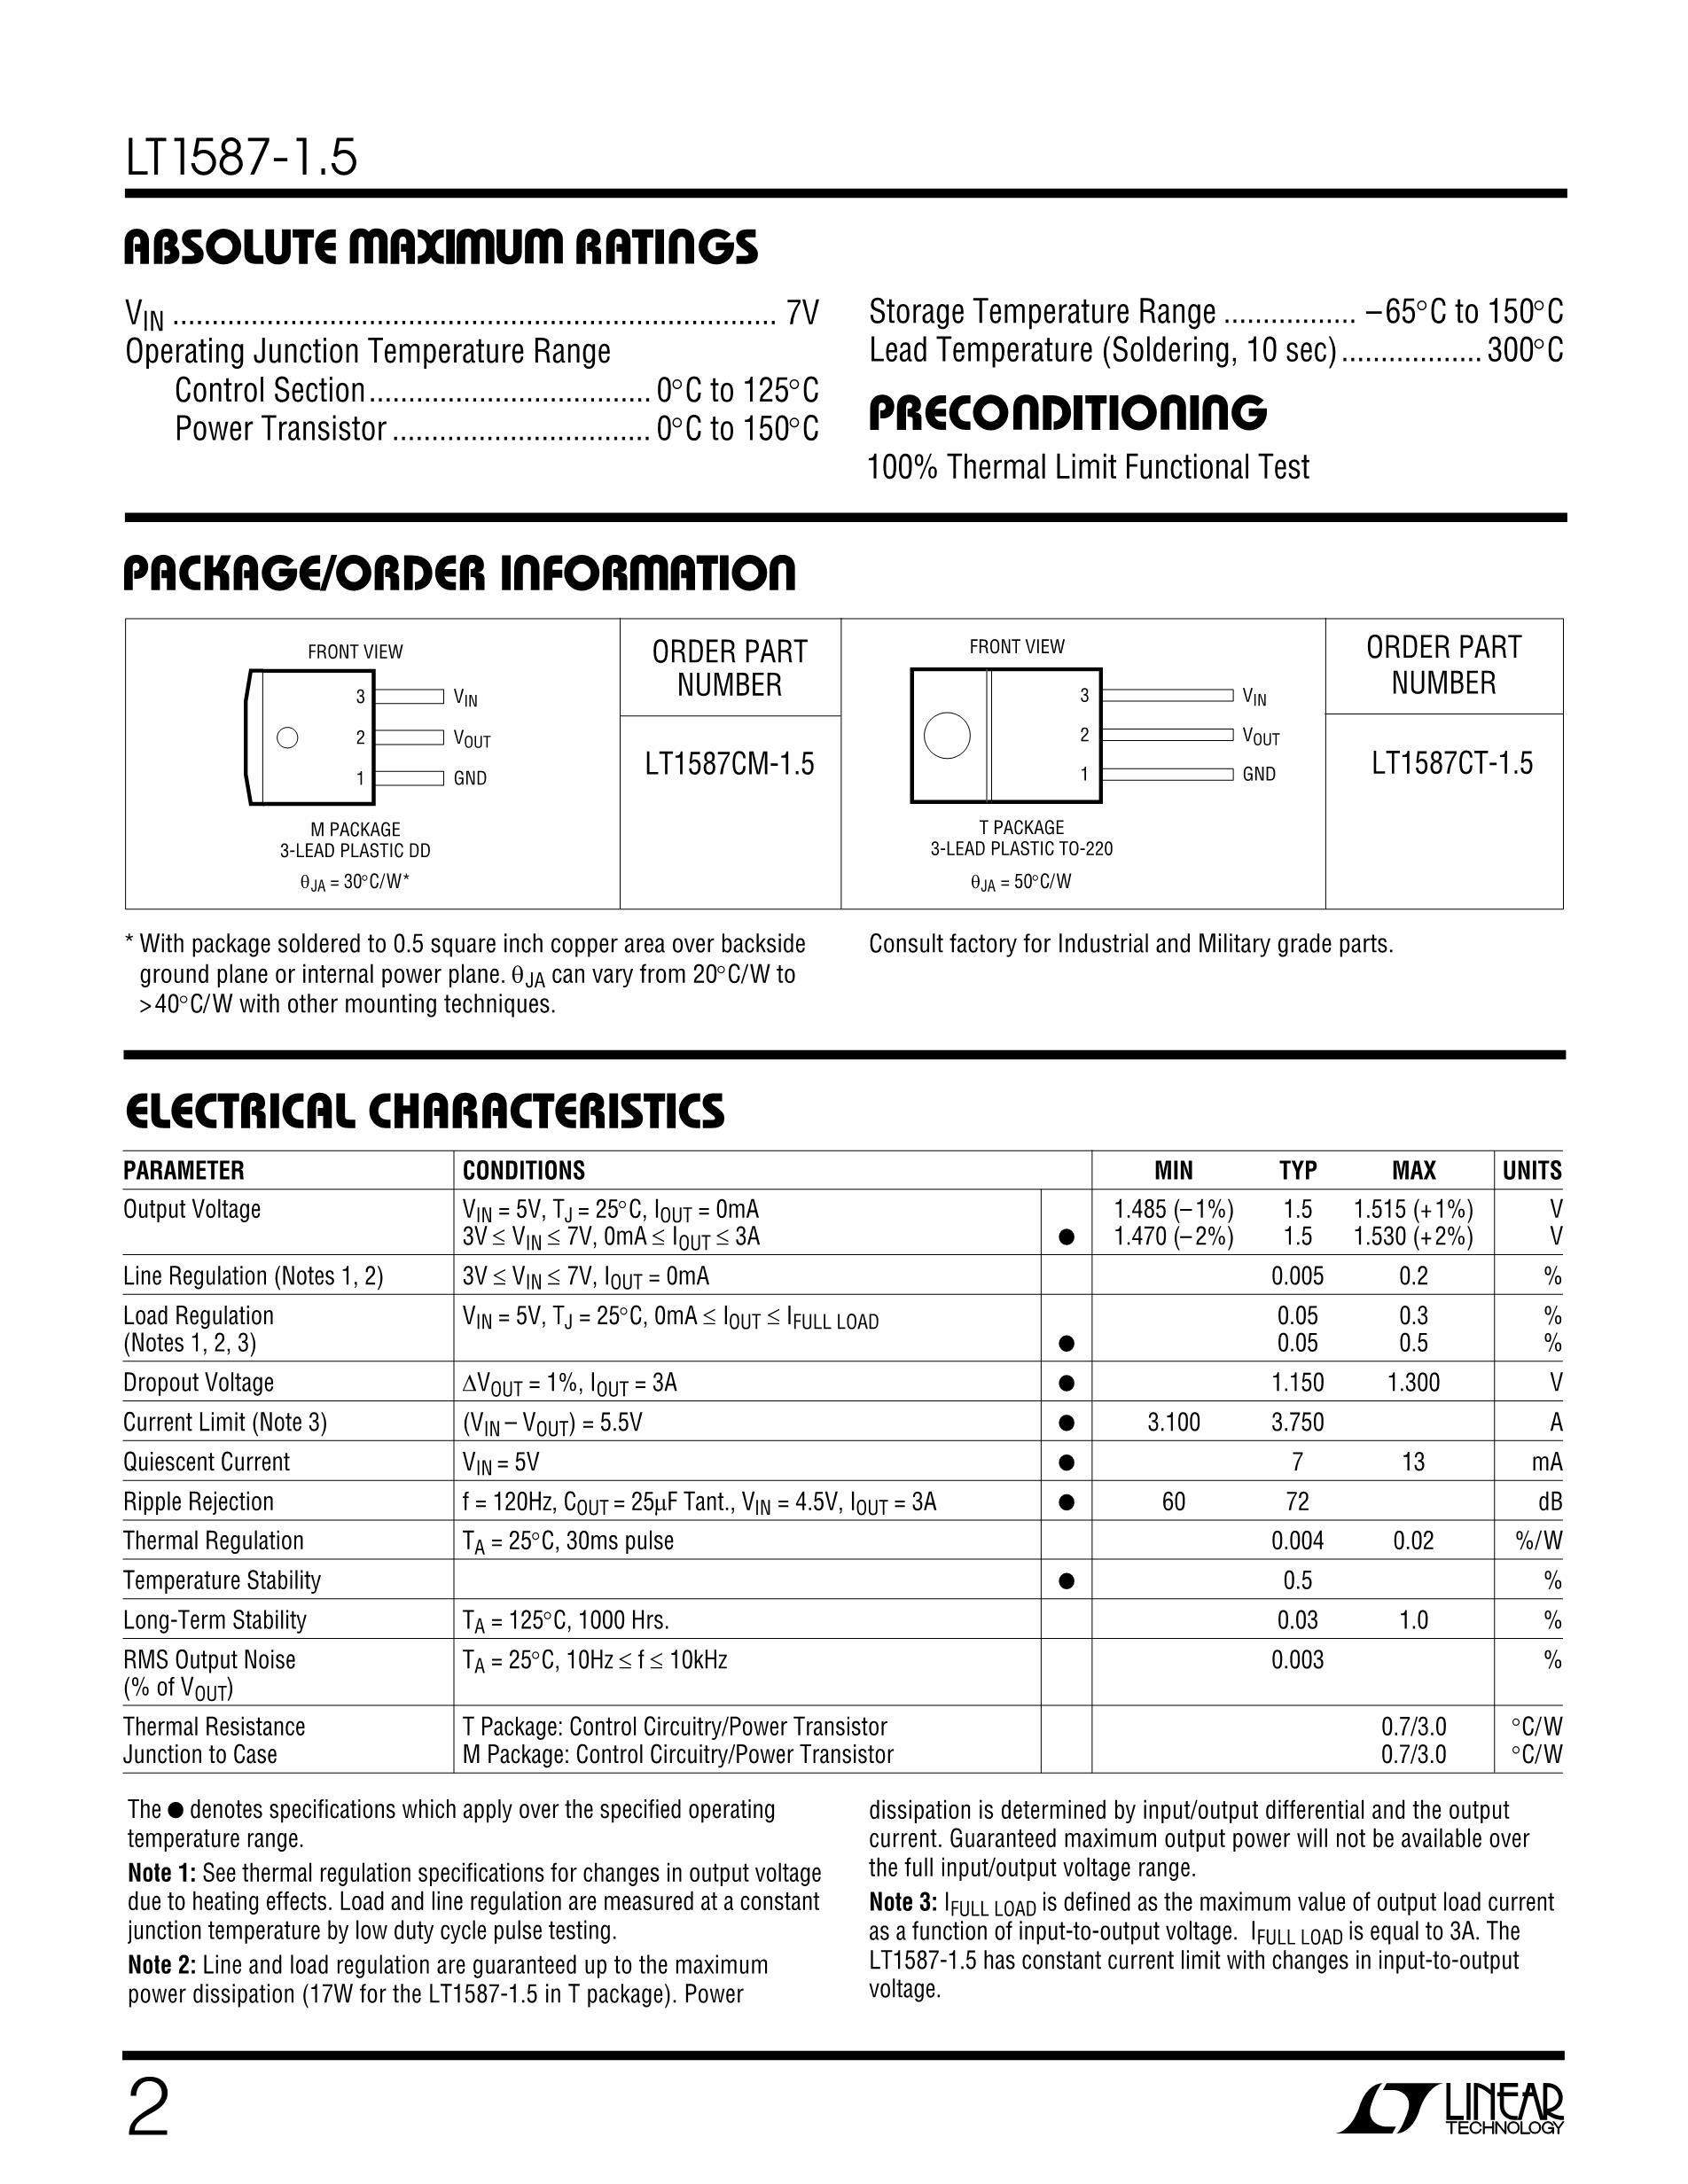 1587AD's pdf picture 2